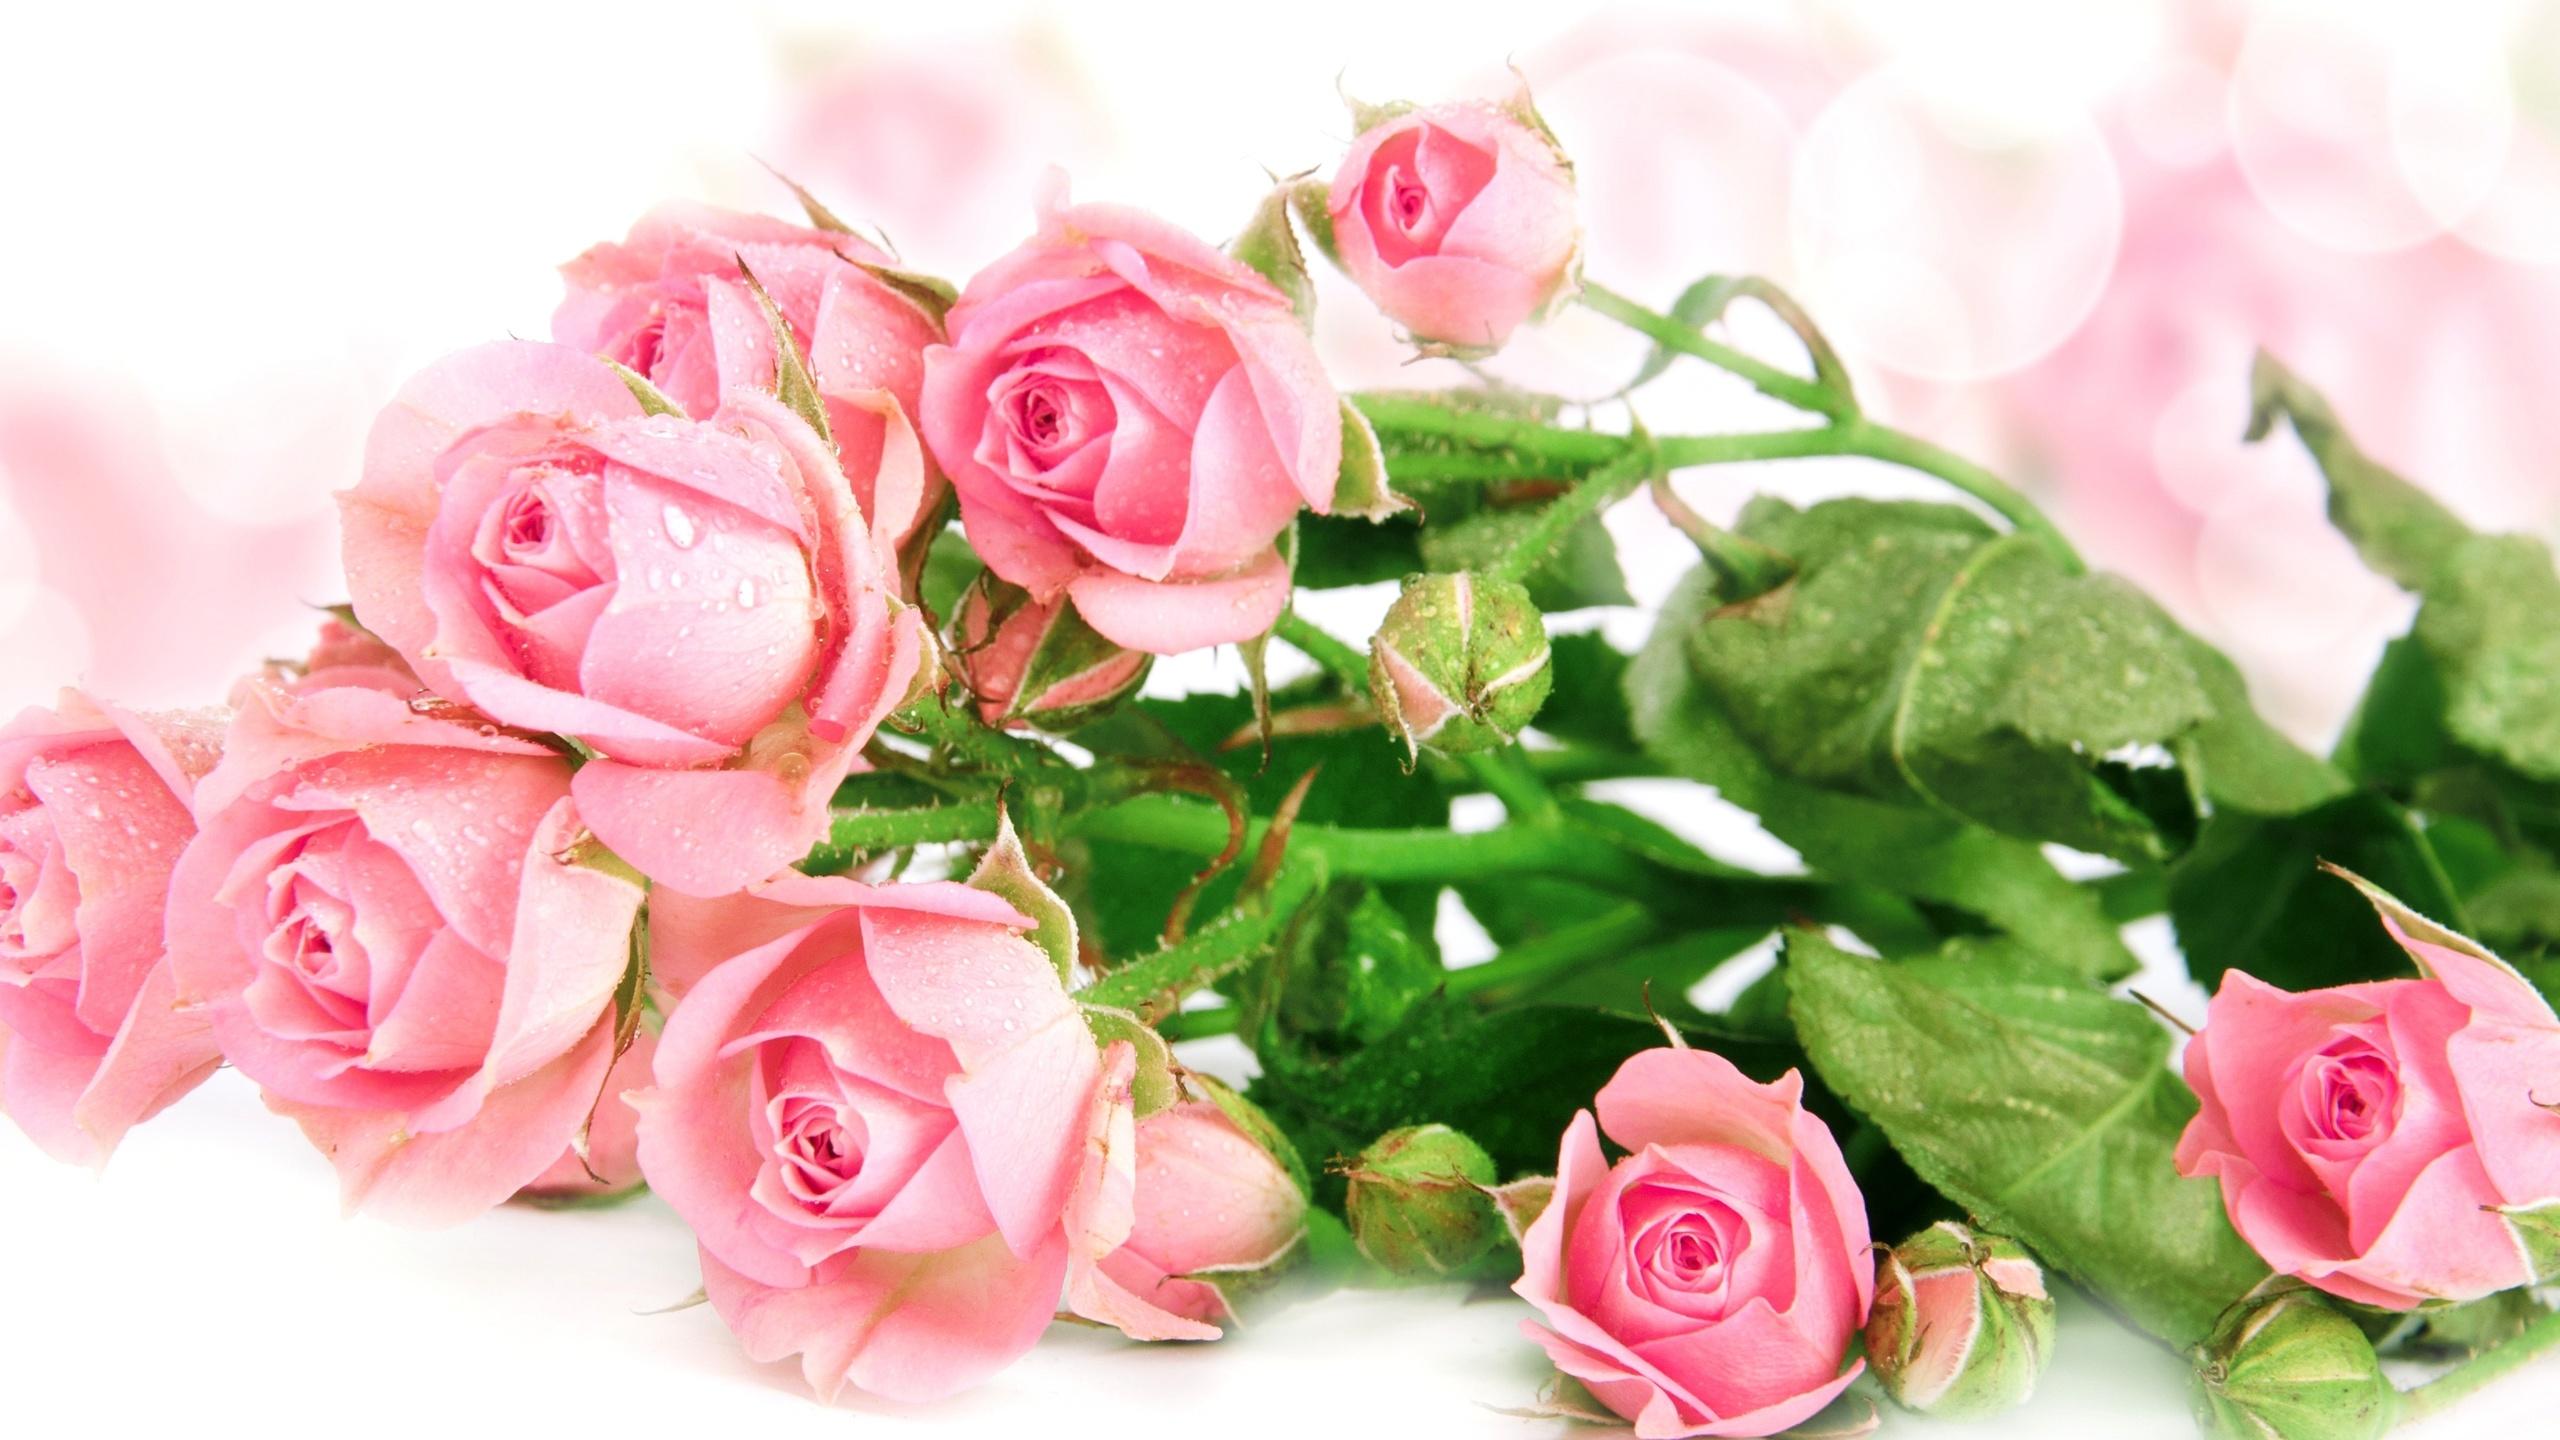 Прикольные для, букет роз на белом фоне открытка